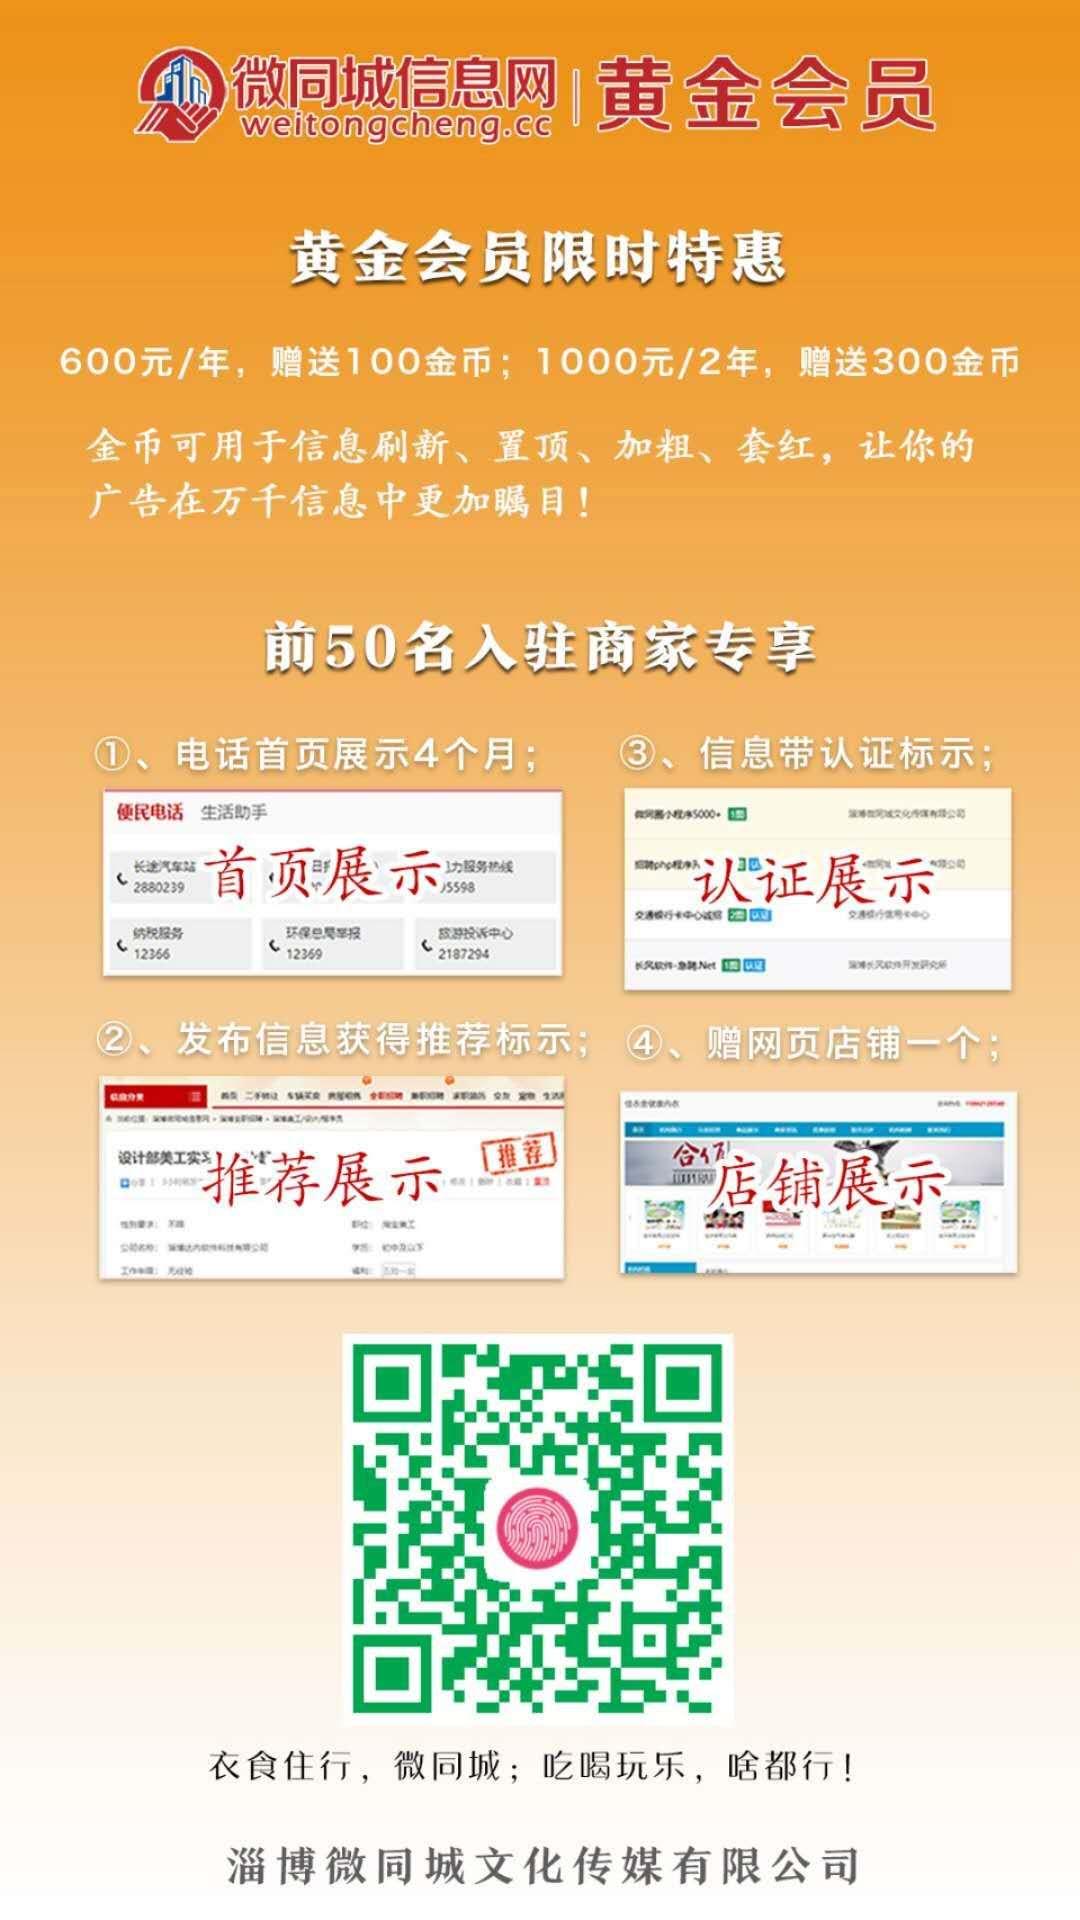 微帮分类信息网人脸识别功能上线